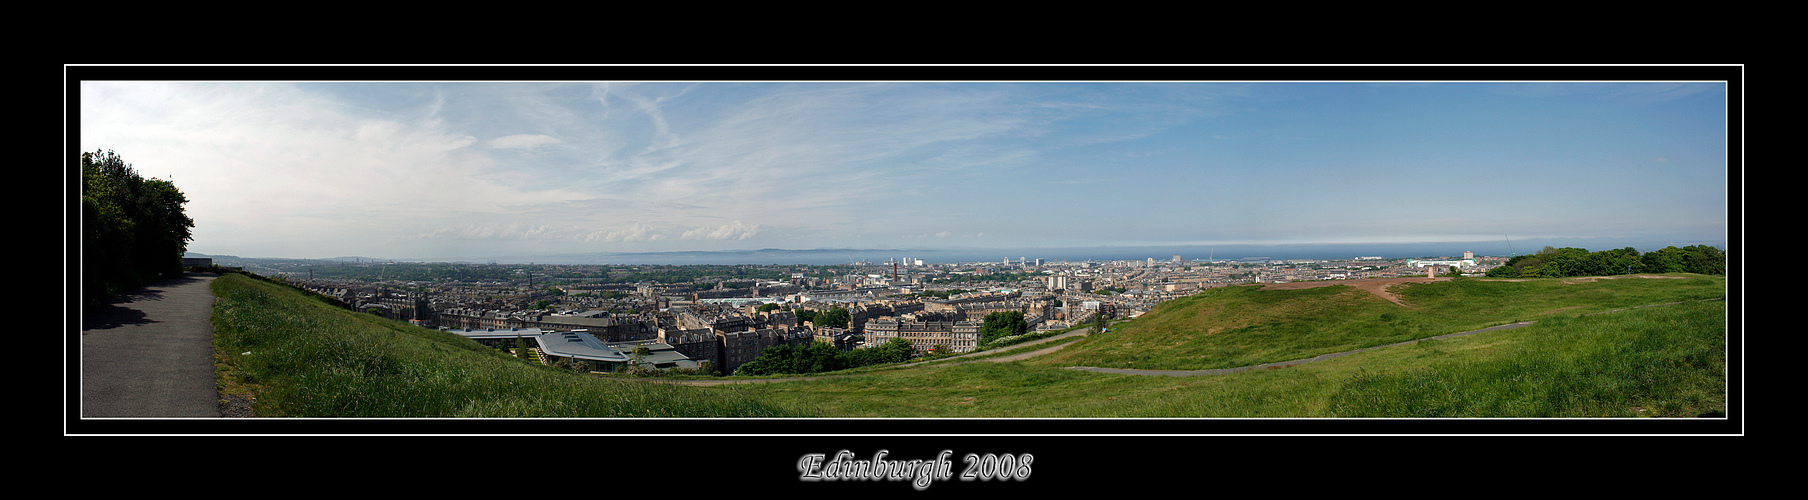 Edinburgh als Panorama